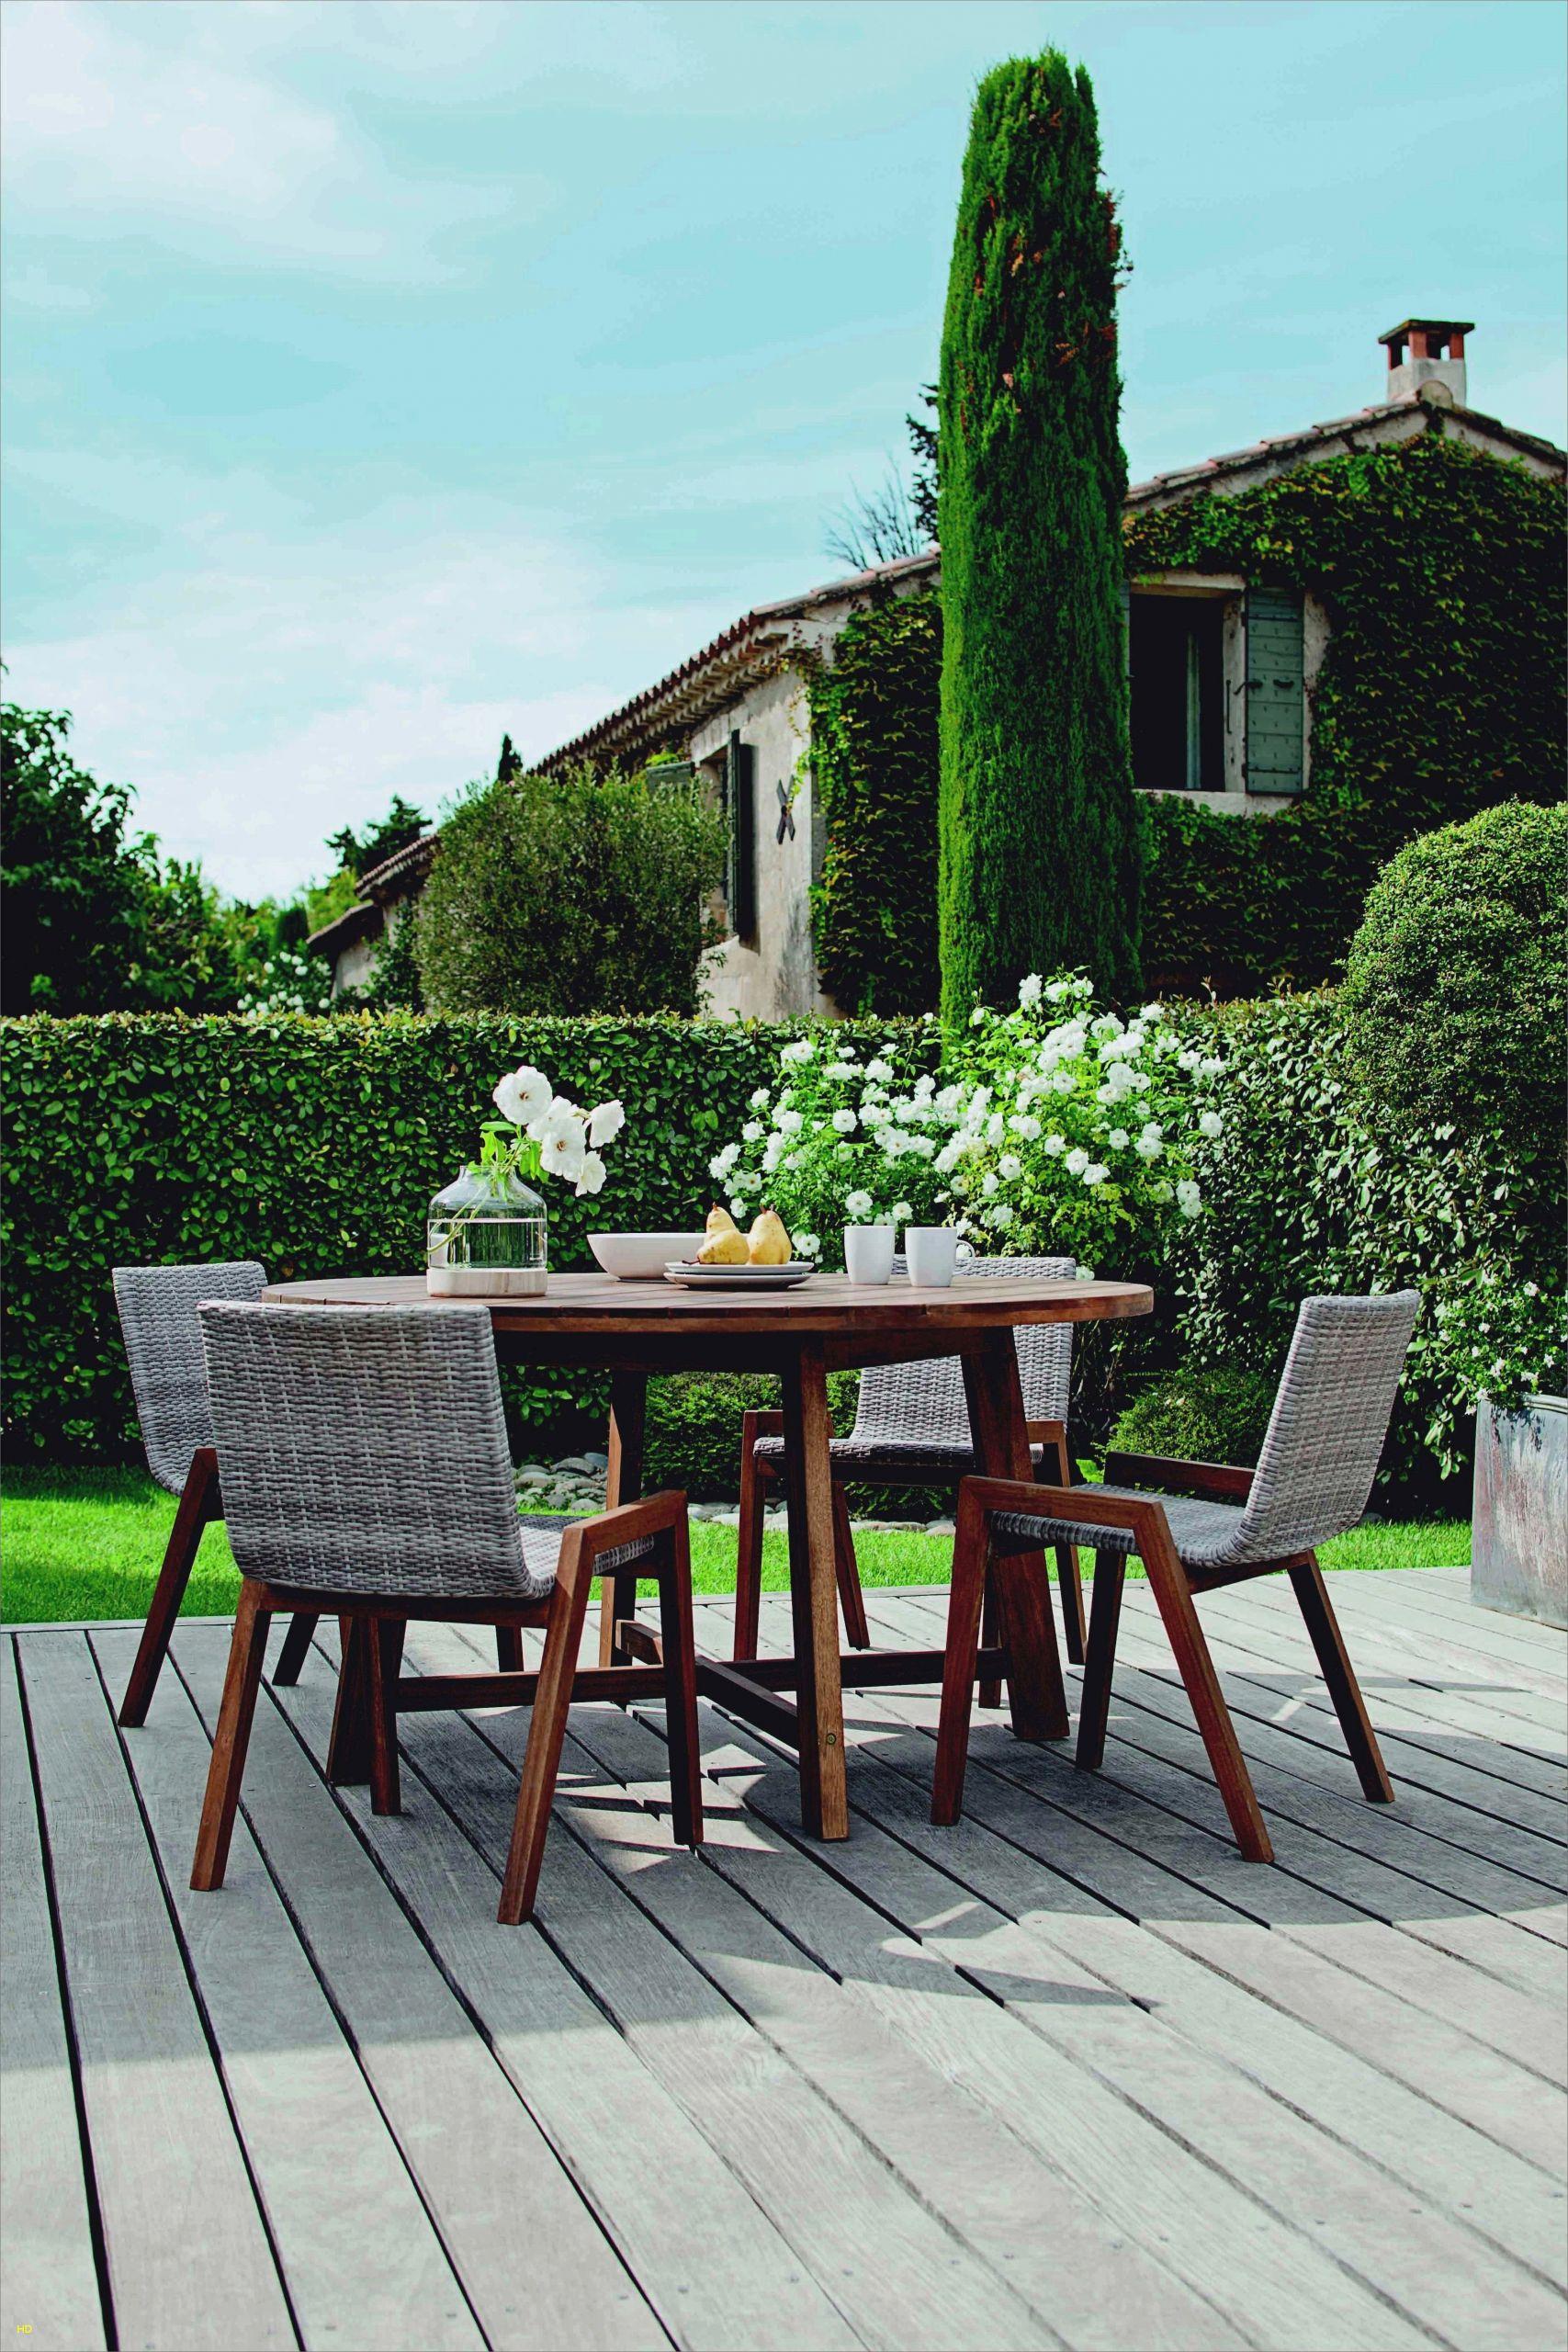 Solde Salon Jardin Best Of Salon De Jardin Leclerc Catalogue ... dedans Soldes Salon De Jardin Leclerc